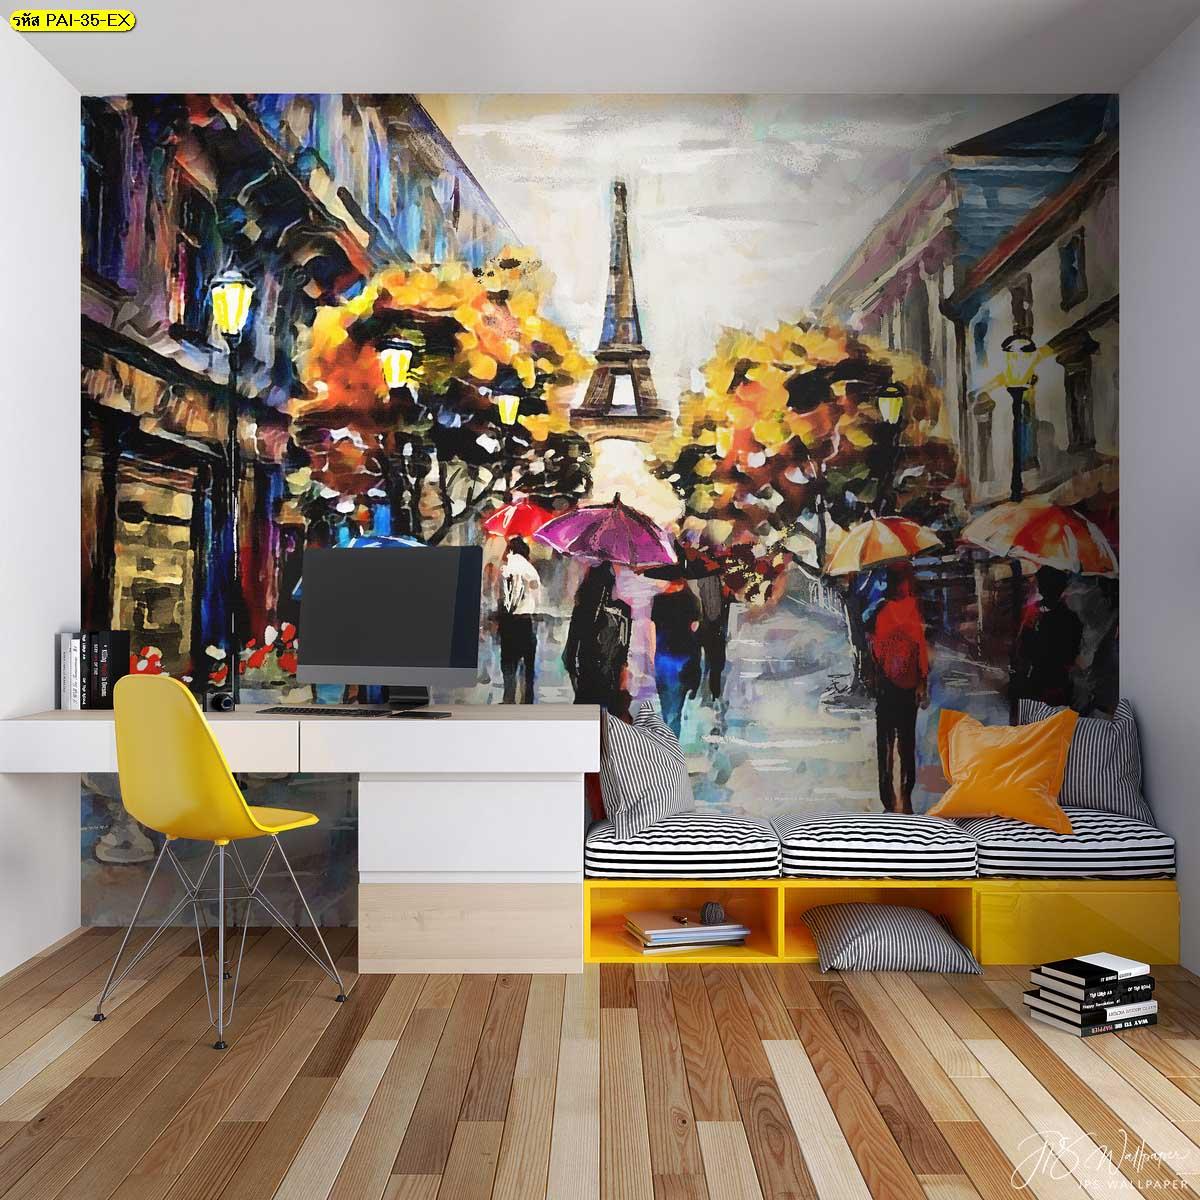 ภาพวอลเปเปอร์สั่งทำขนาดใหญ่ติดในห้องพักผ่อน ตกแต่งผนังภาพวาดสีน้ำมันปารีส